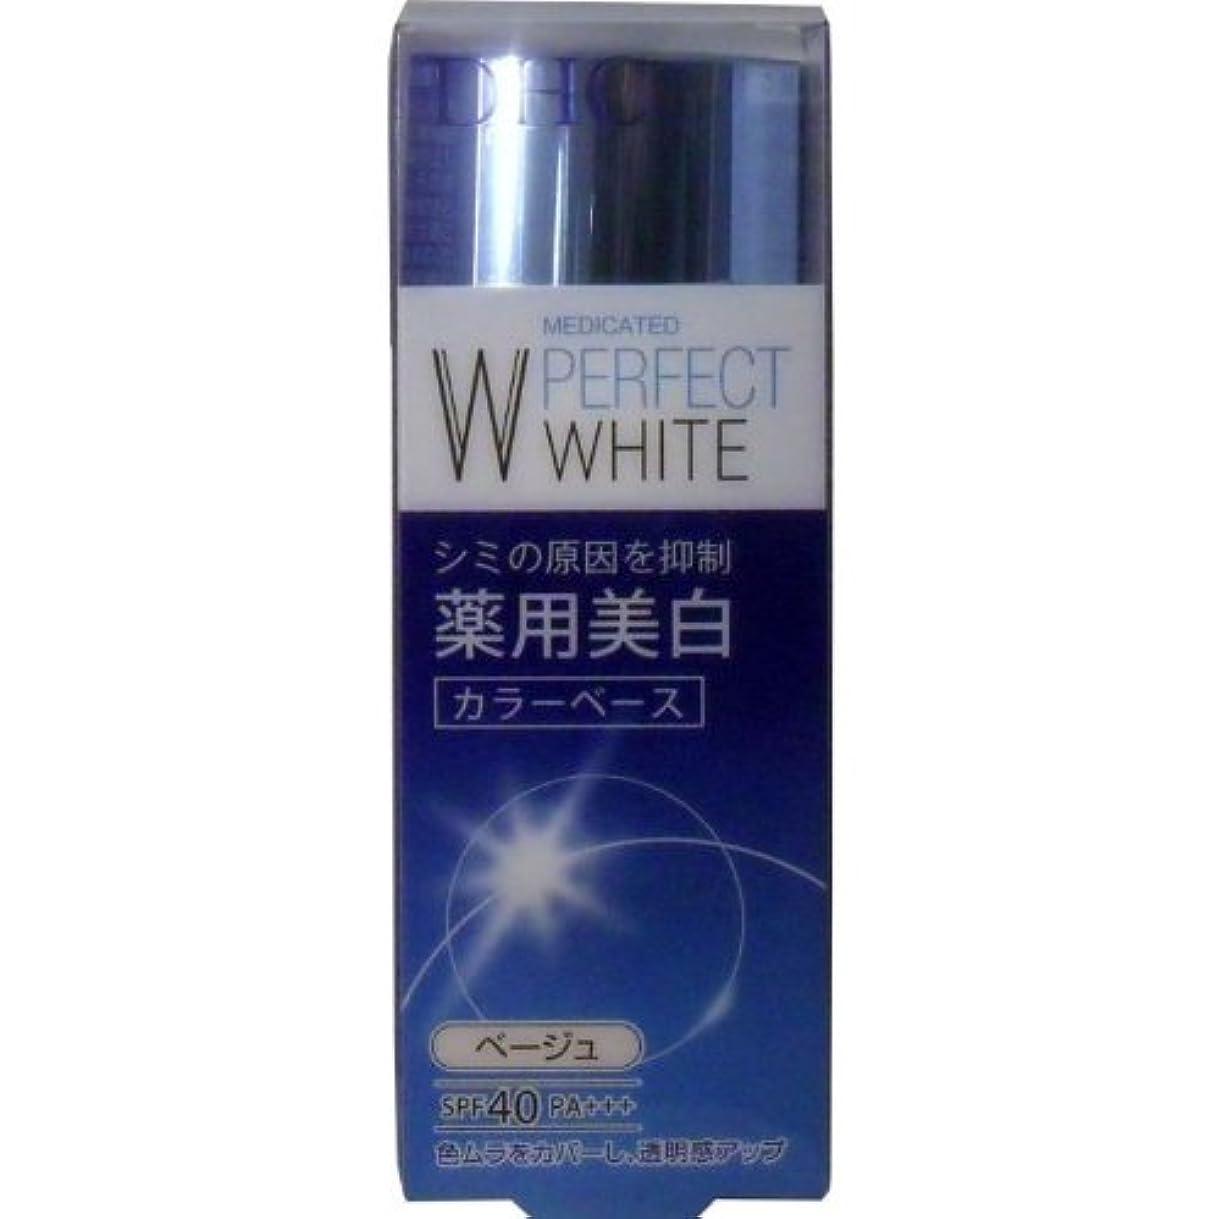 イースター抜け目のないクリームDHC 薬用美白パーフェクトホワイト カラーベース ベージュ 30g